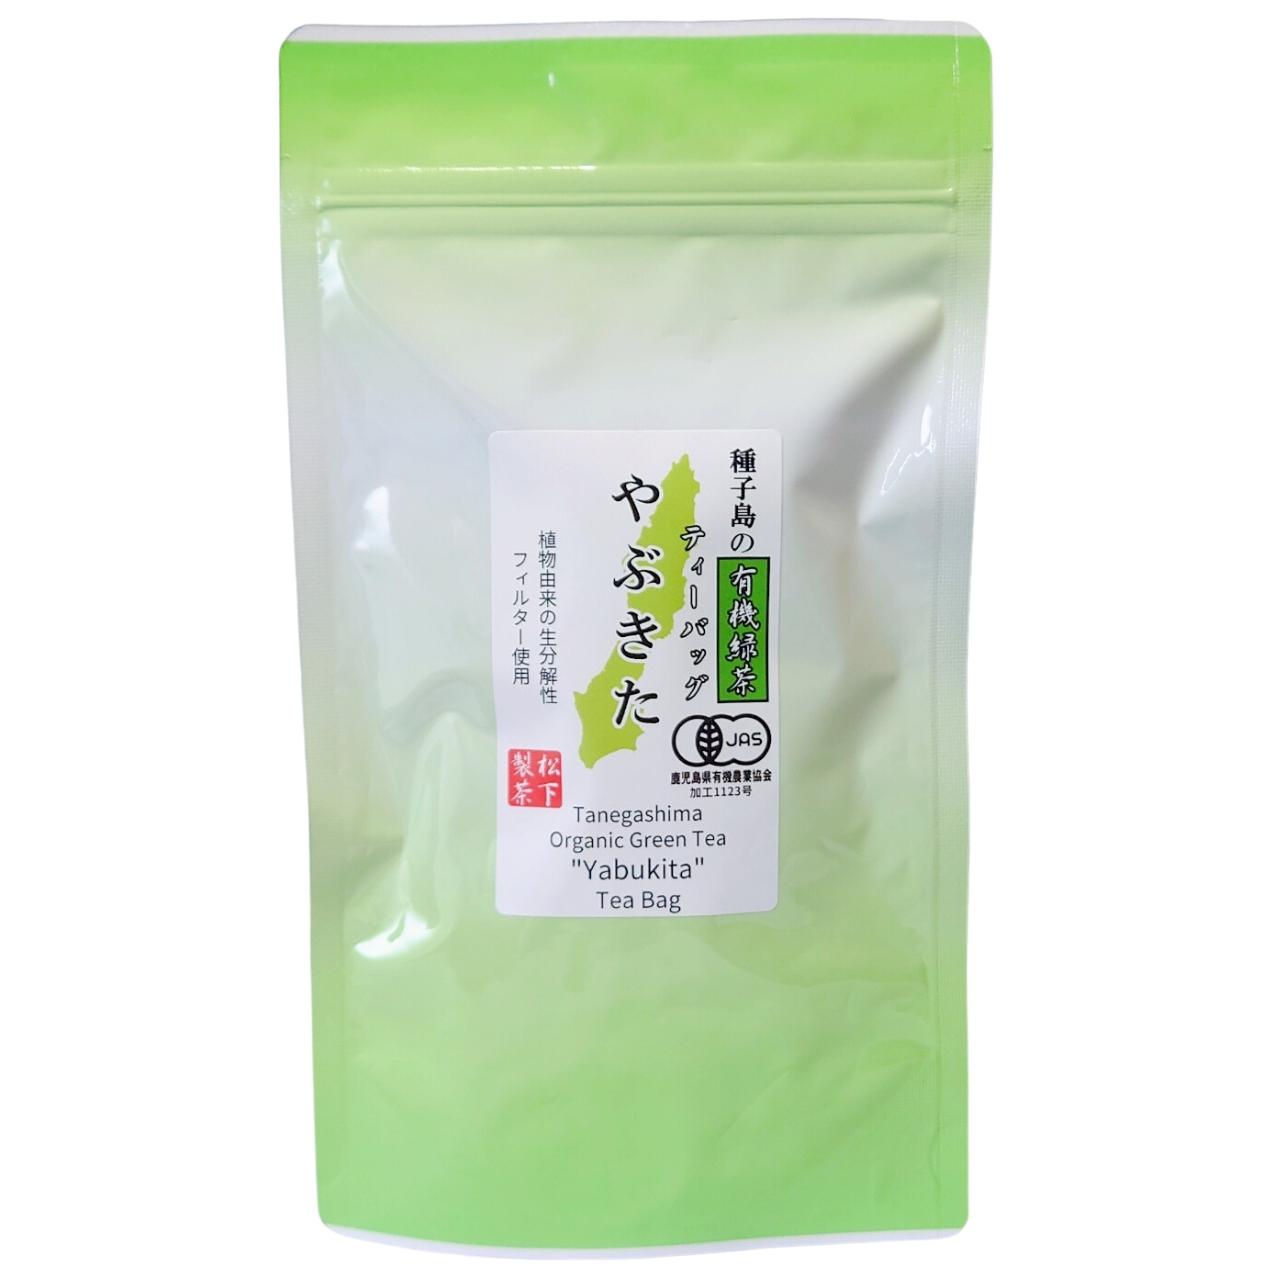 無農薬 無化学肥料の種子島茶ティーバッグ 2021年産 卓抜 種子島の緑茶ティーバッグ 2g×20袋入り 割引 松下製茶 40g やぶきた